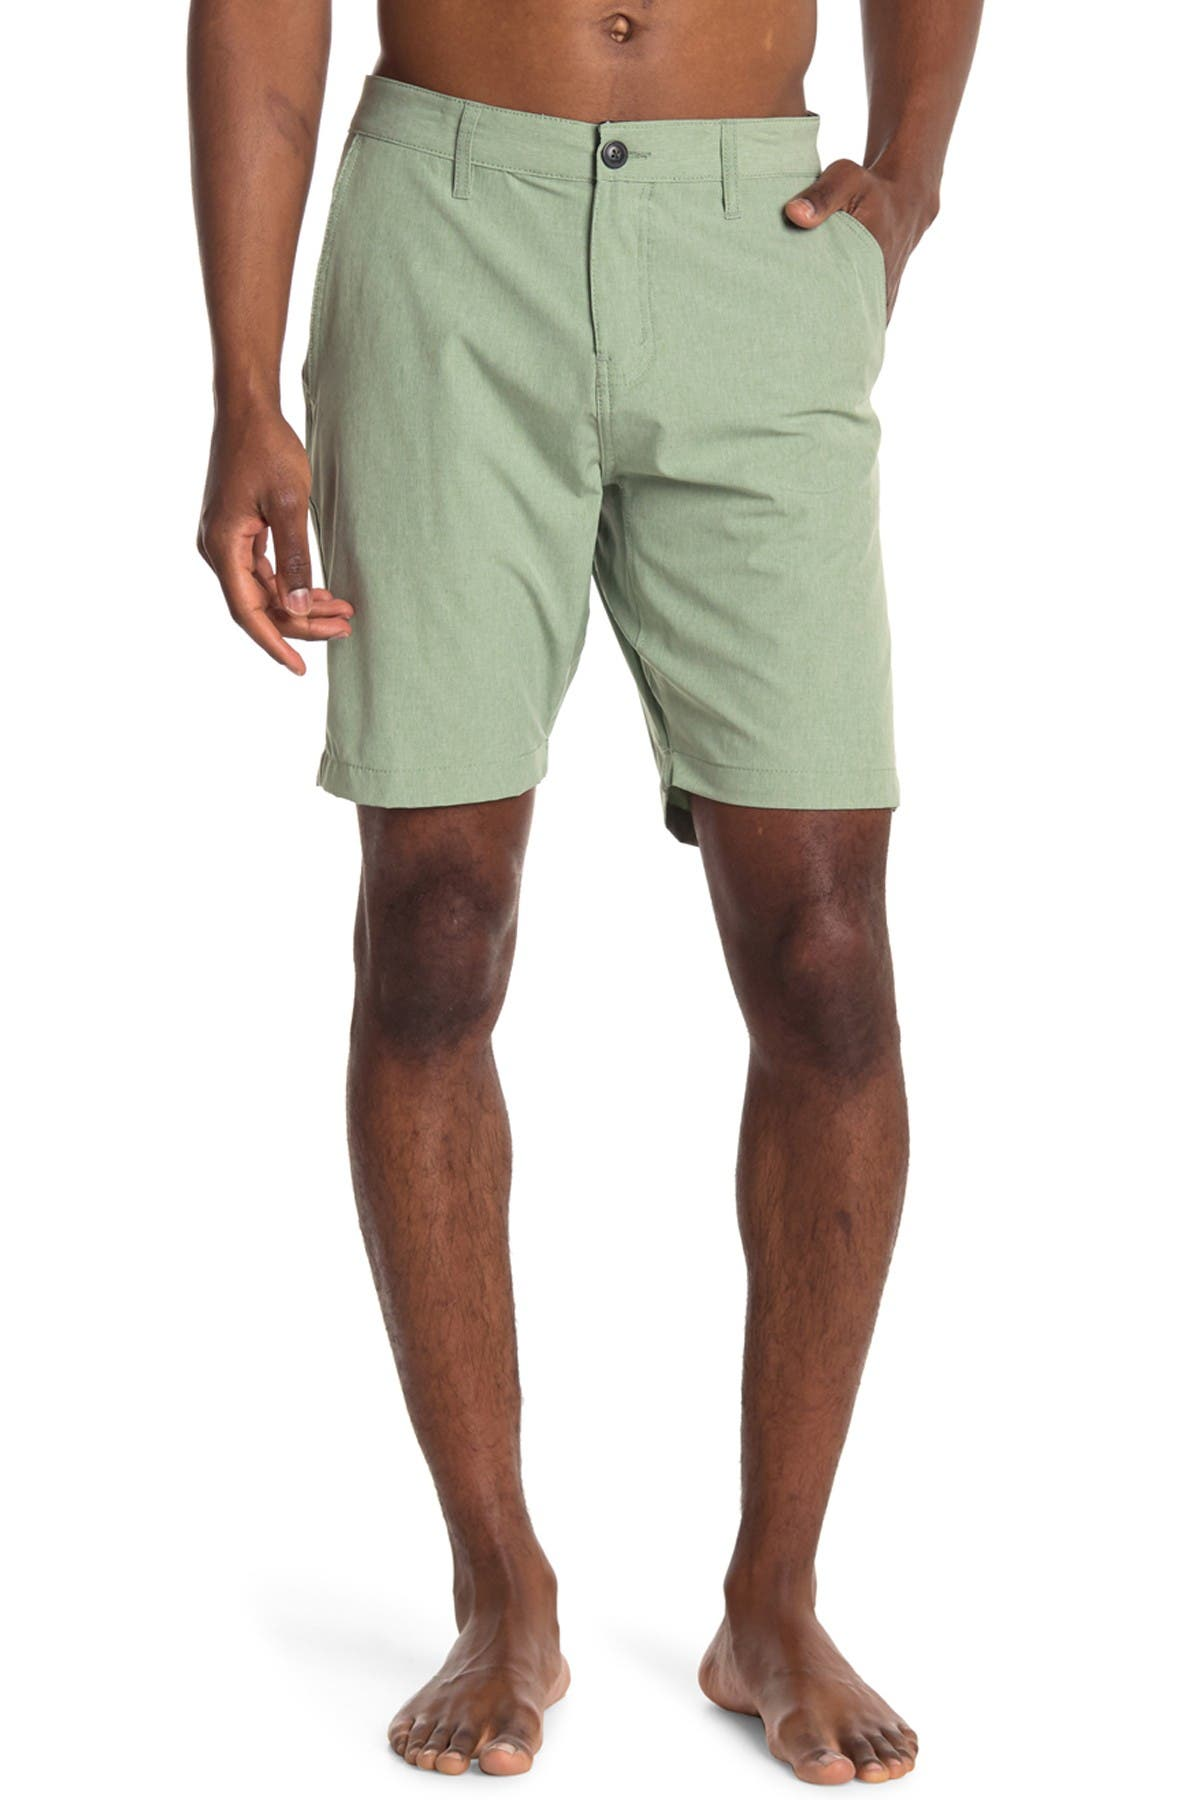 Image of Vintage 1946 Land Sea Heathered Hybrid Shorts